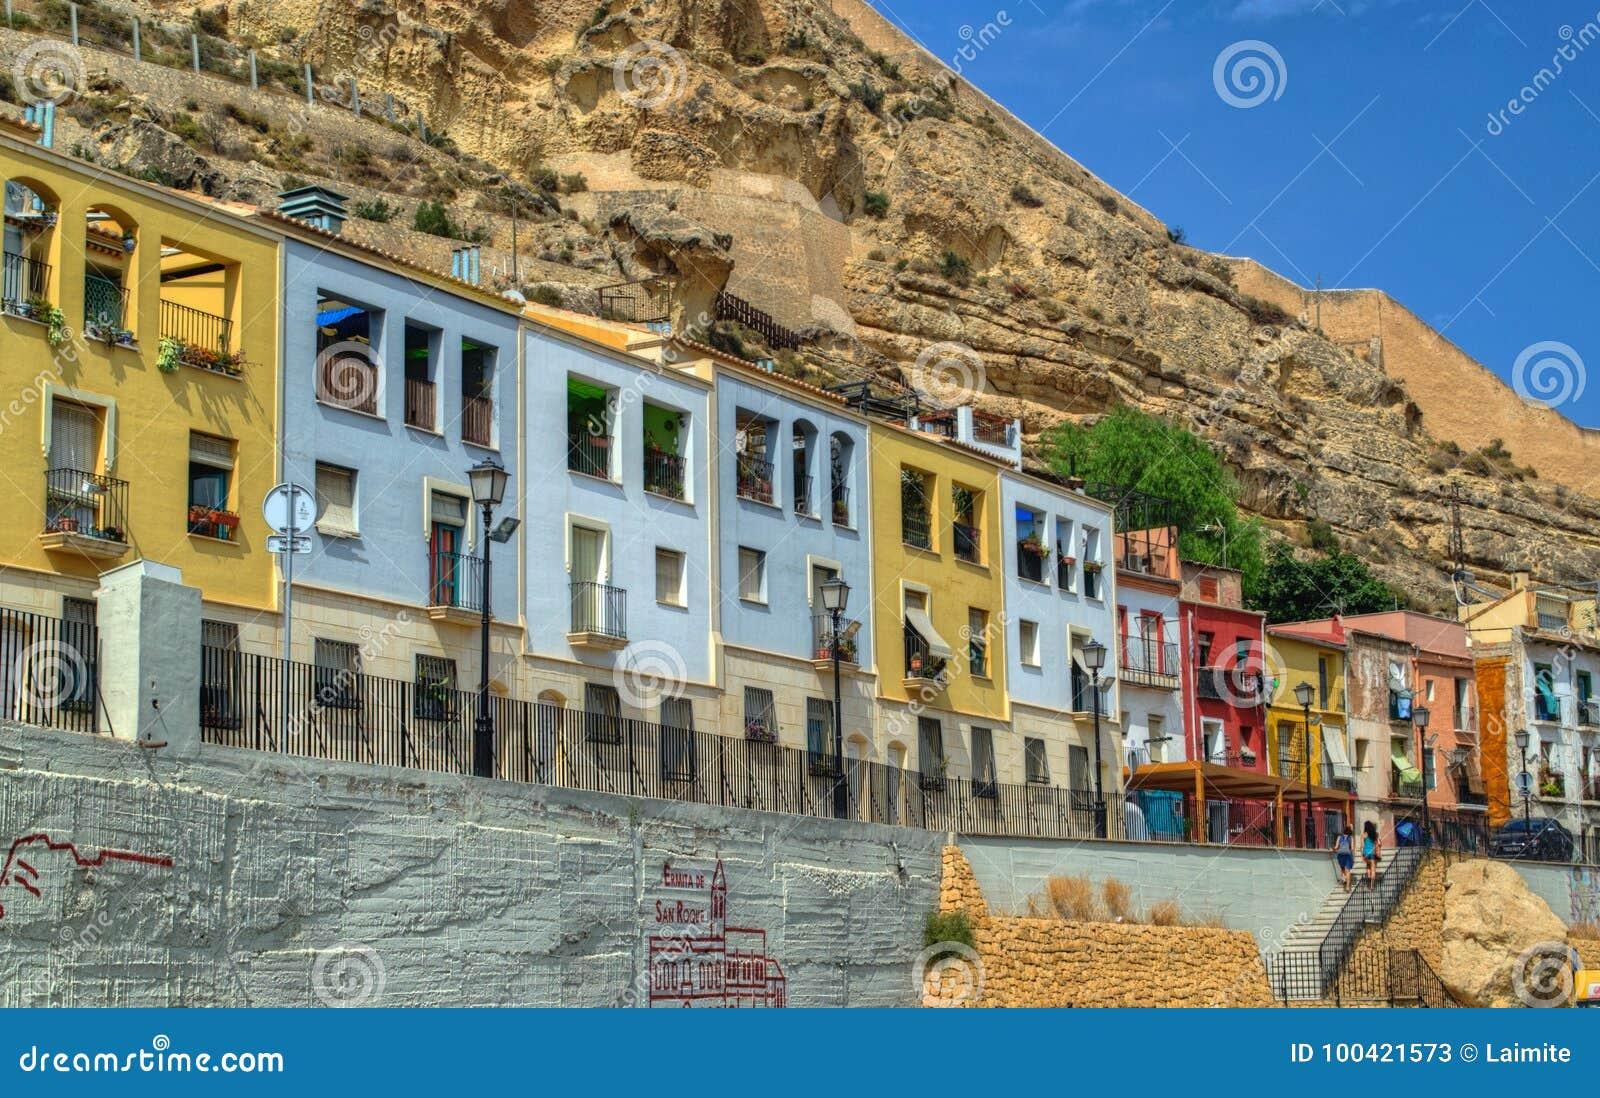 Alicante stock photos royalty free images dreamstime - Stock uno alicante ...